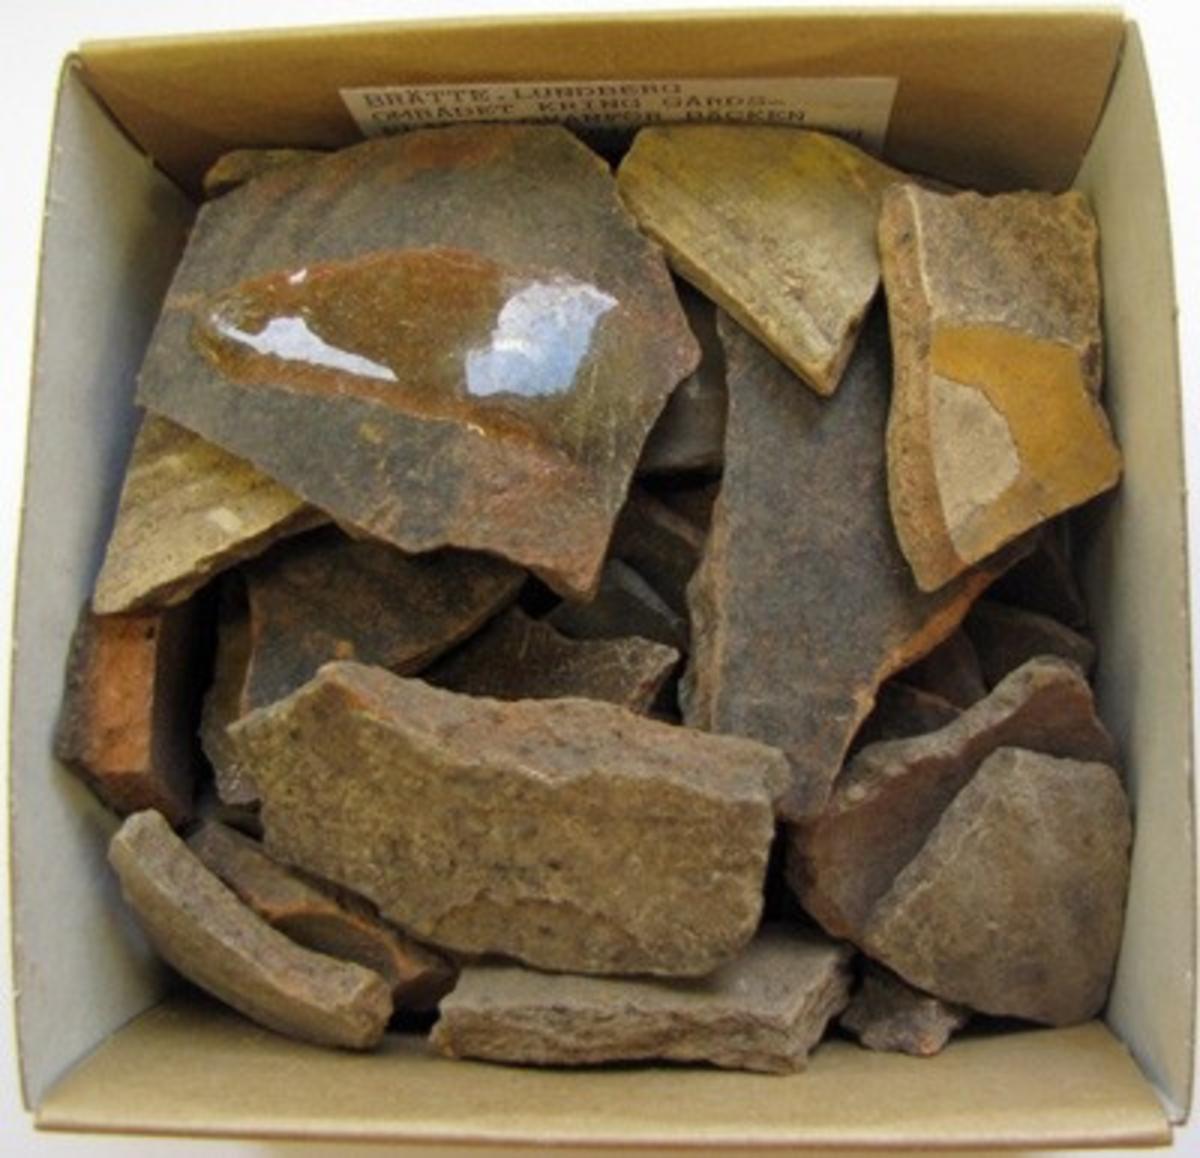 BRÄTTE. LUNDBERG.OMRÅDET KRING GÅRDSPLANEN OVANFÖR BÄCKEN. Rödgods, BII, 50 skärvor.  Danmark, Tyskland och Holland är troliga provinienser för keramiken.  År 1943 utförde arkeolog Erik B. Lundberg från riksantikvarieämbetet en arkeologisk utgrävning av den forna staden Brätte.